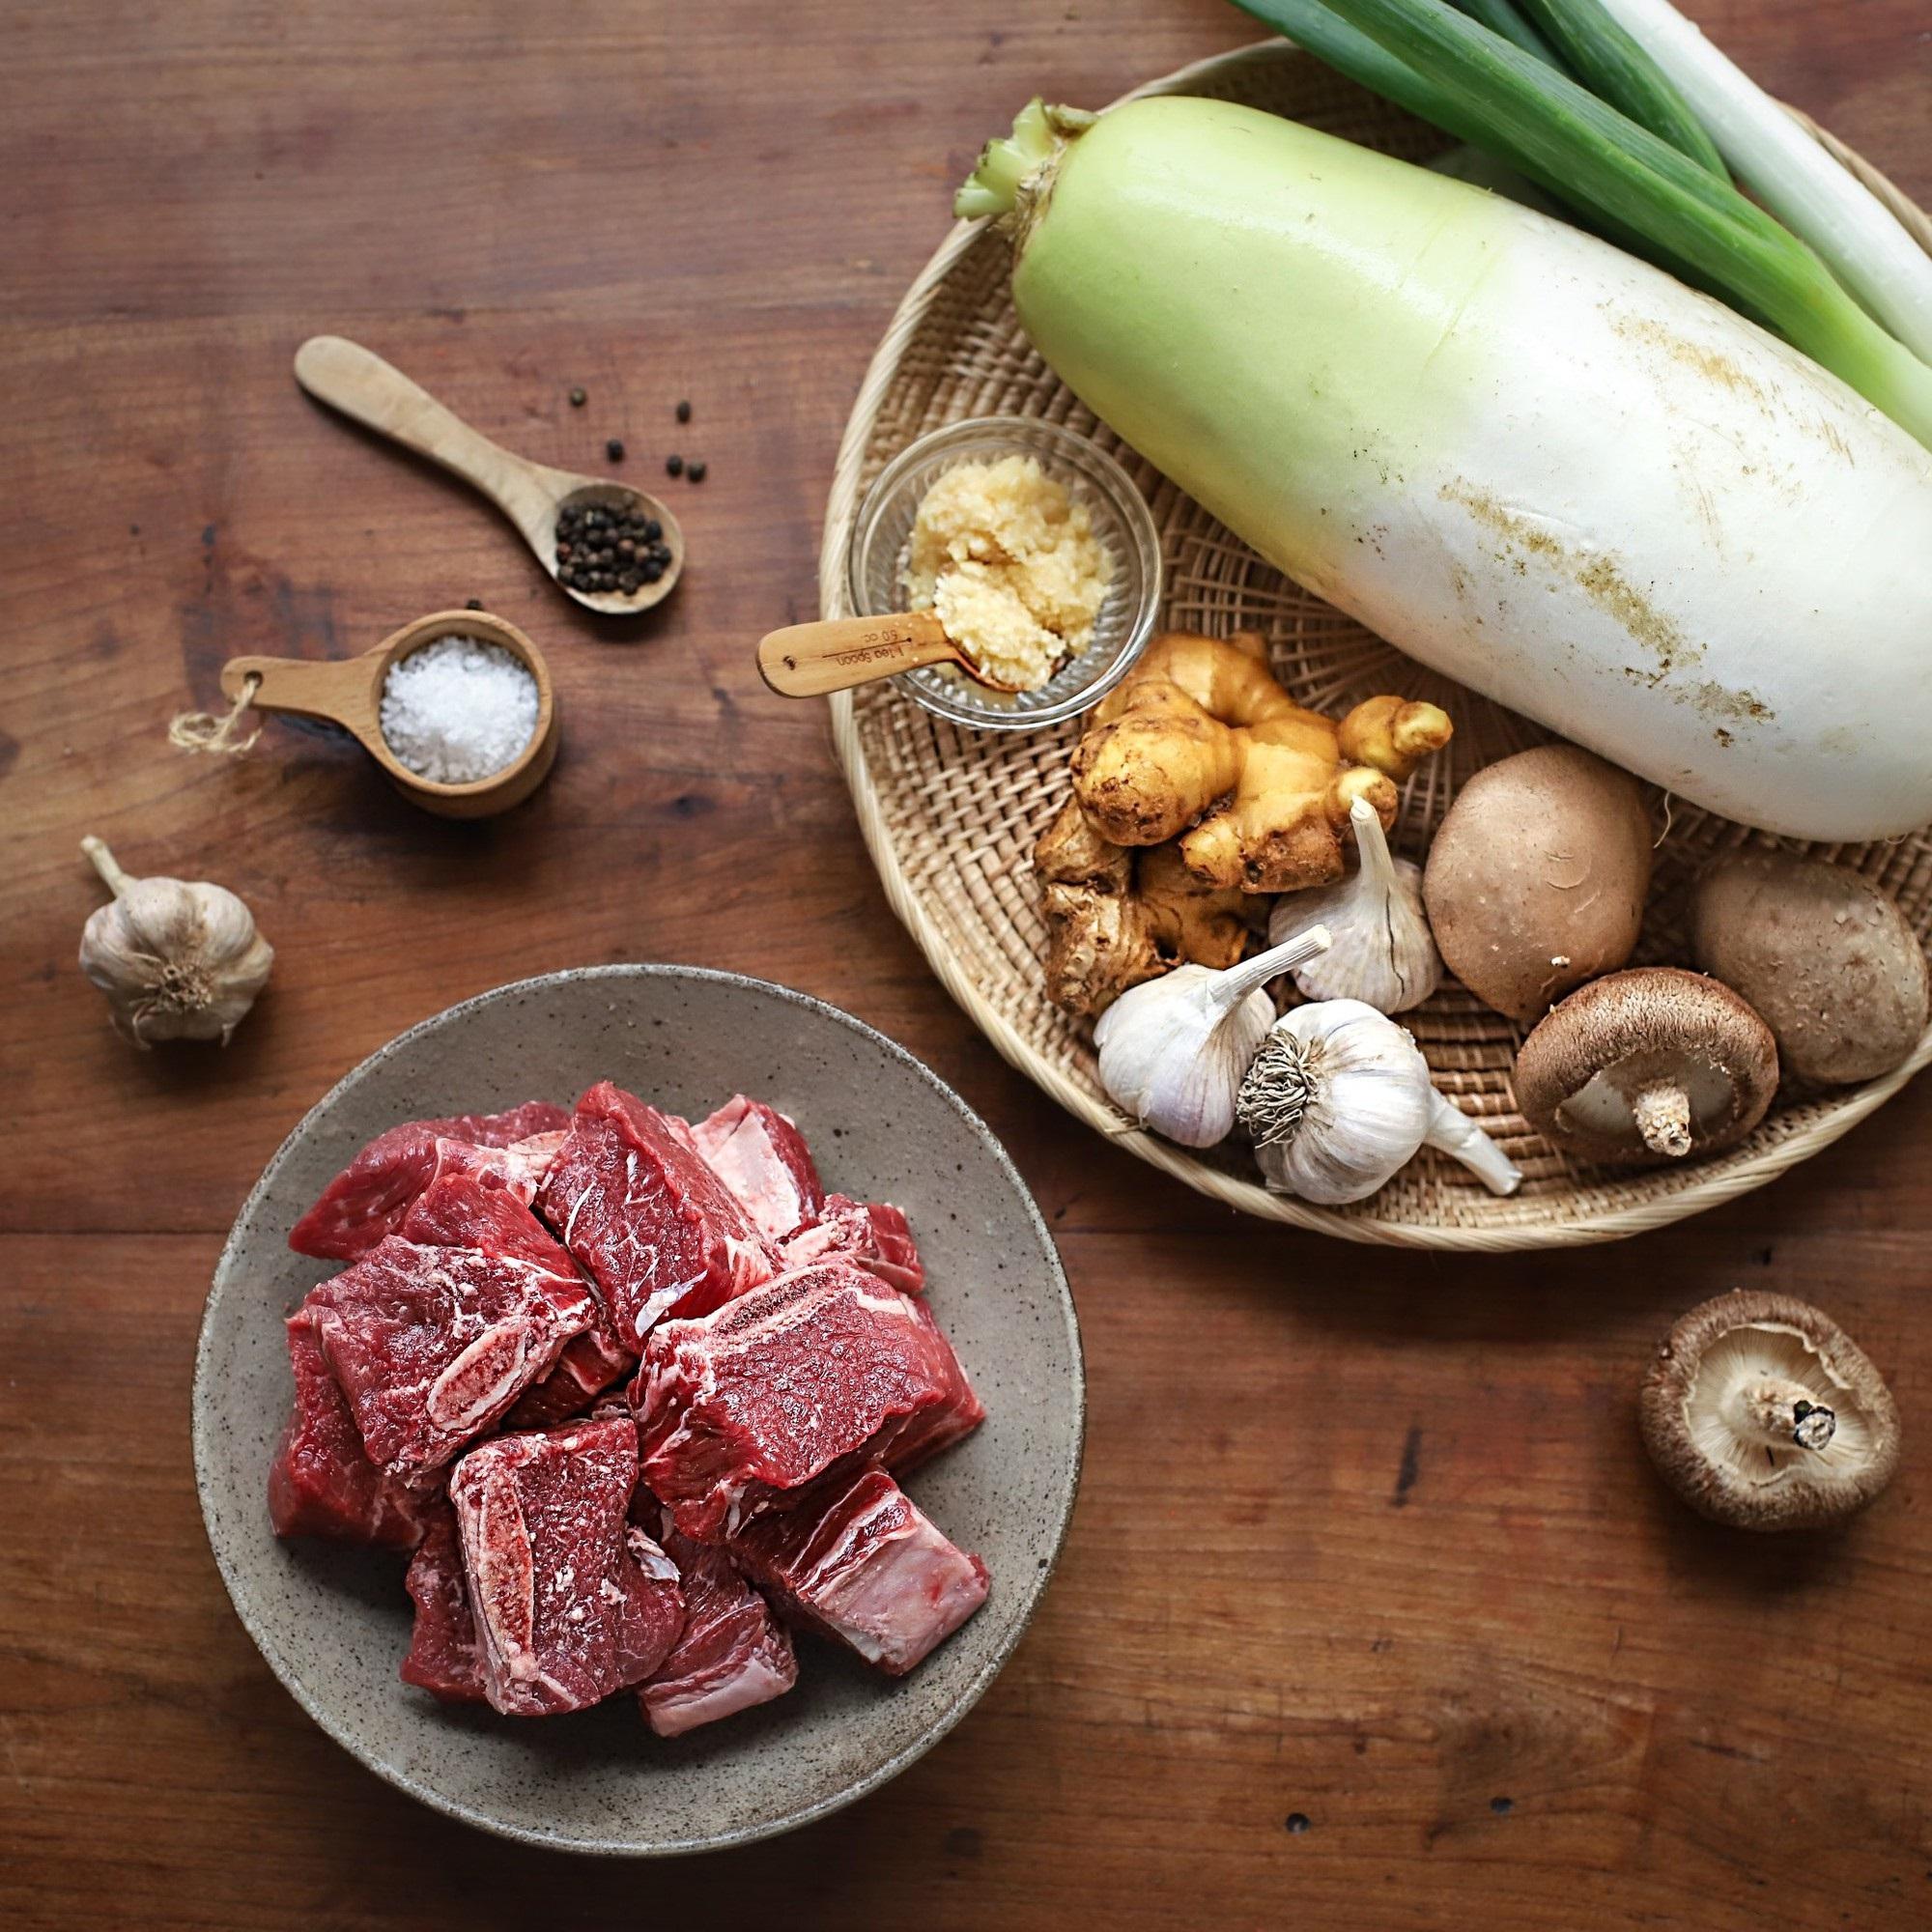 Học người Hàn cách nấu canh sườn ngọt thơm lạ miệng, ăn là thích ngay - Ảnh 1